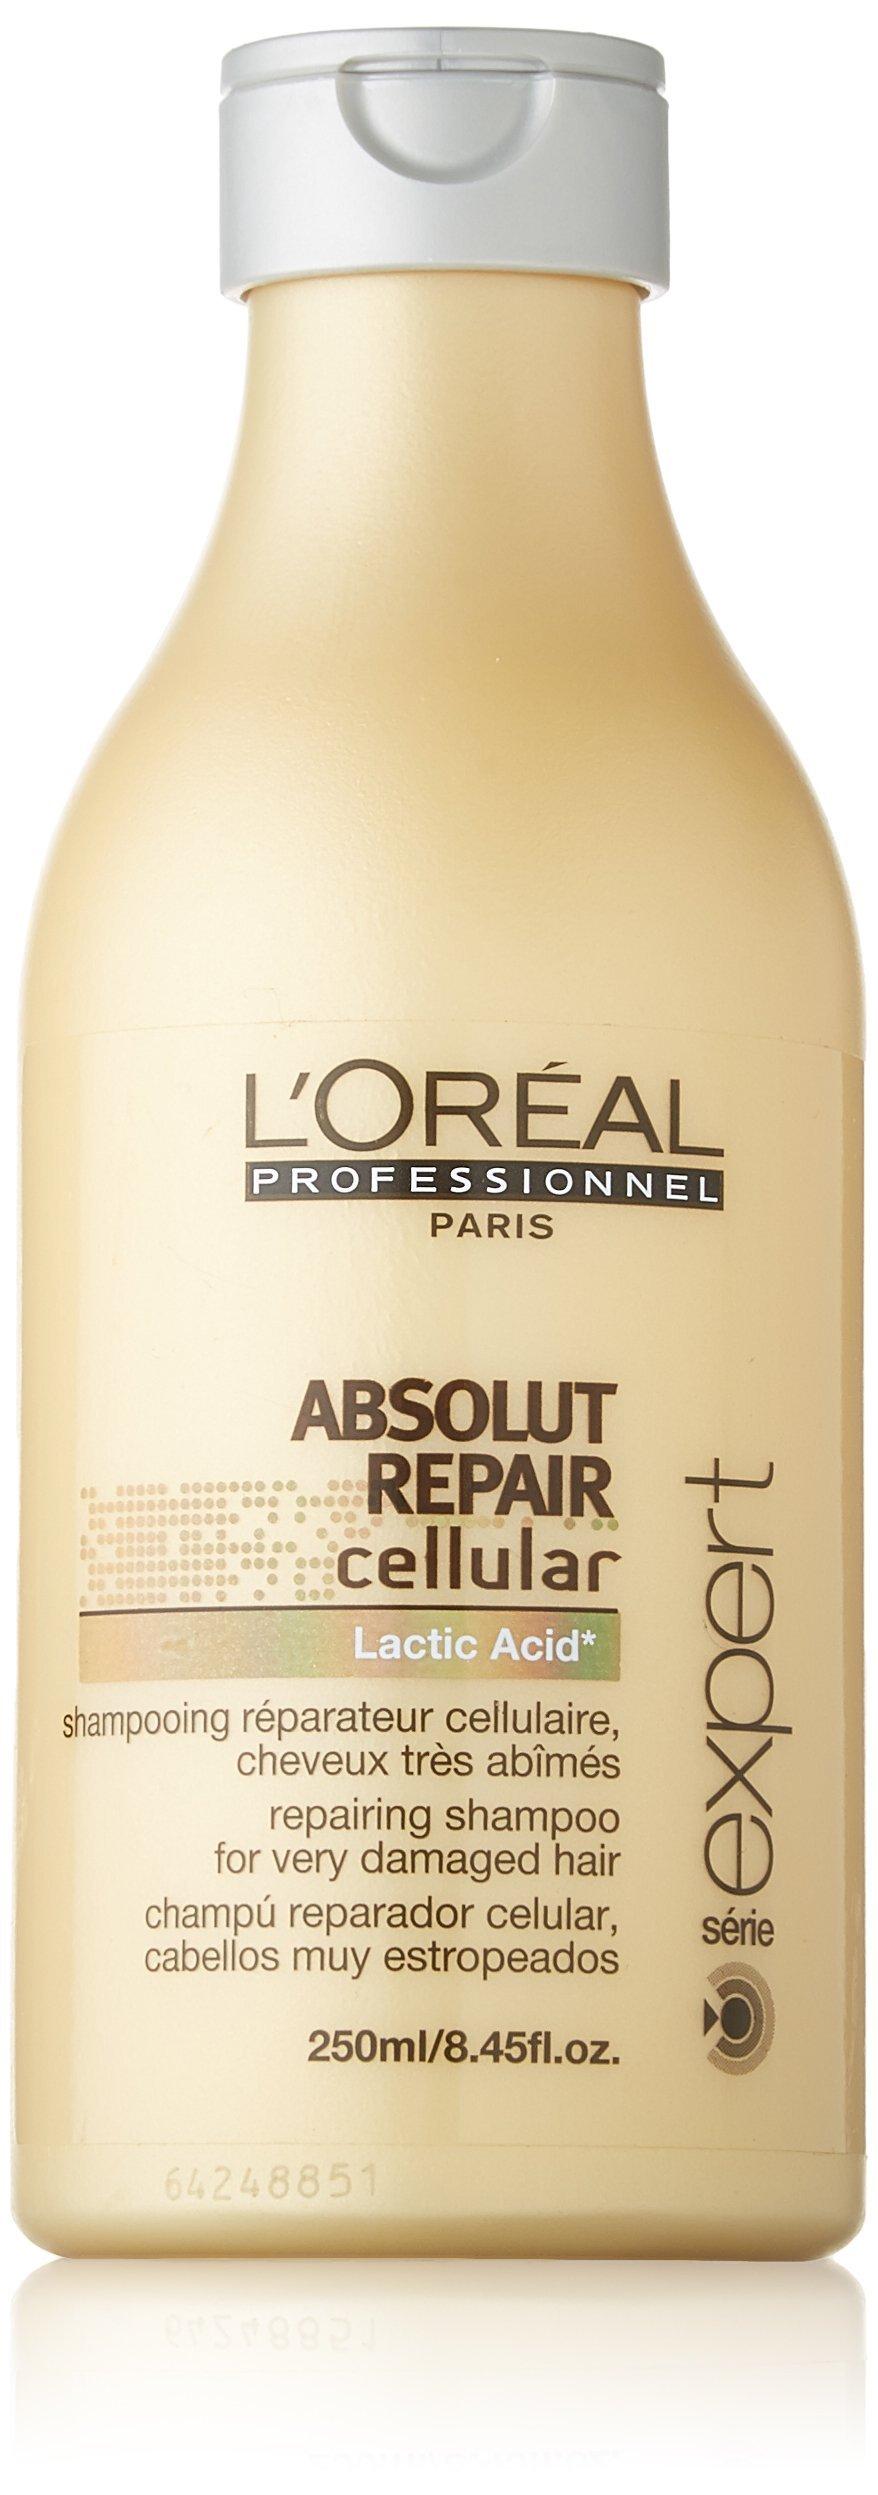 L'oreal Professional Paris Absolut Repair Cellular Lactic Acid Shampoo, 8.45-Ounce Bottle